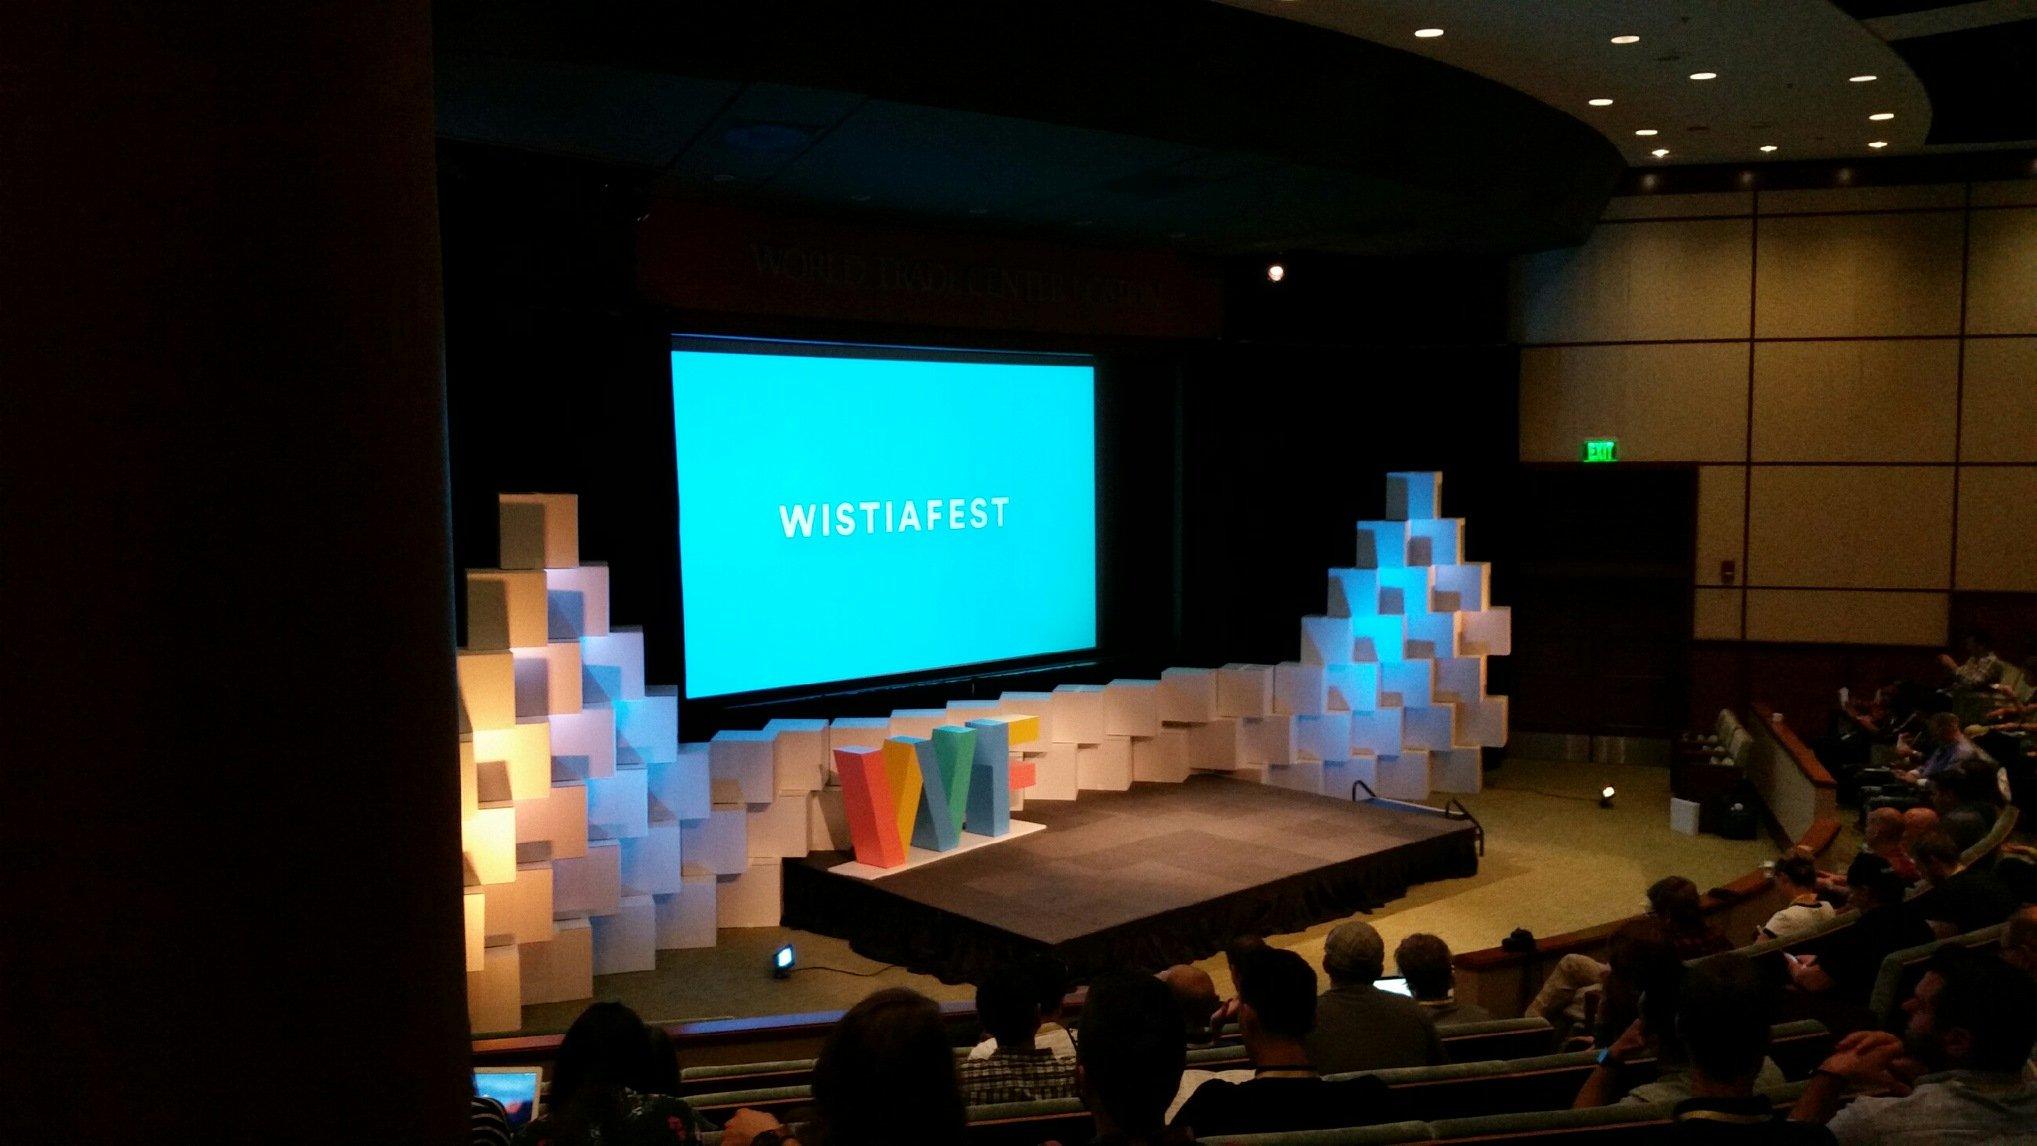 WistiaFest 2016